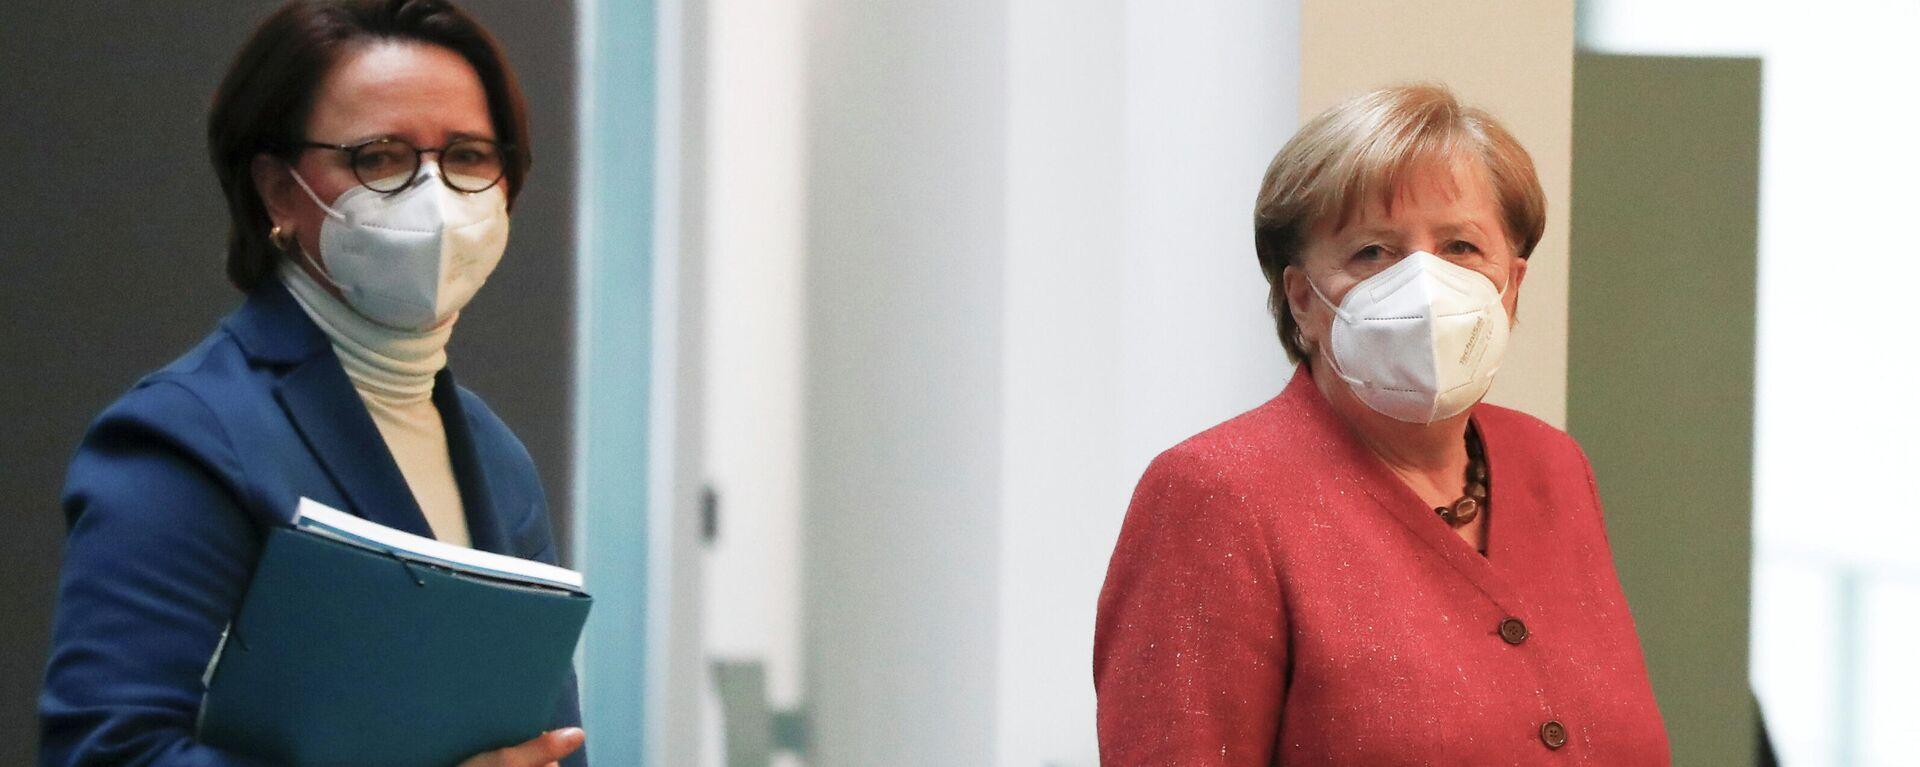 Bundeskanzlerin Angela Merkel (R.) und Integrationsbeauftragte der Bundesregierung Annette Widmann-Mauz - SNA, 1920, 23.02.2021